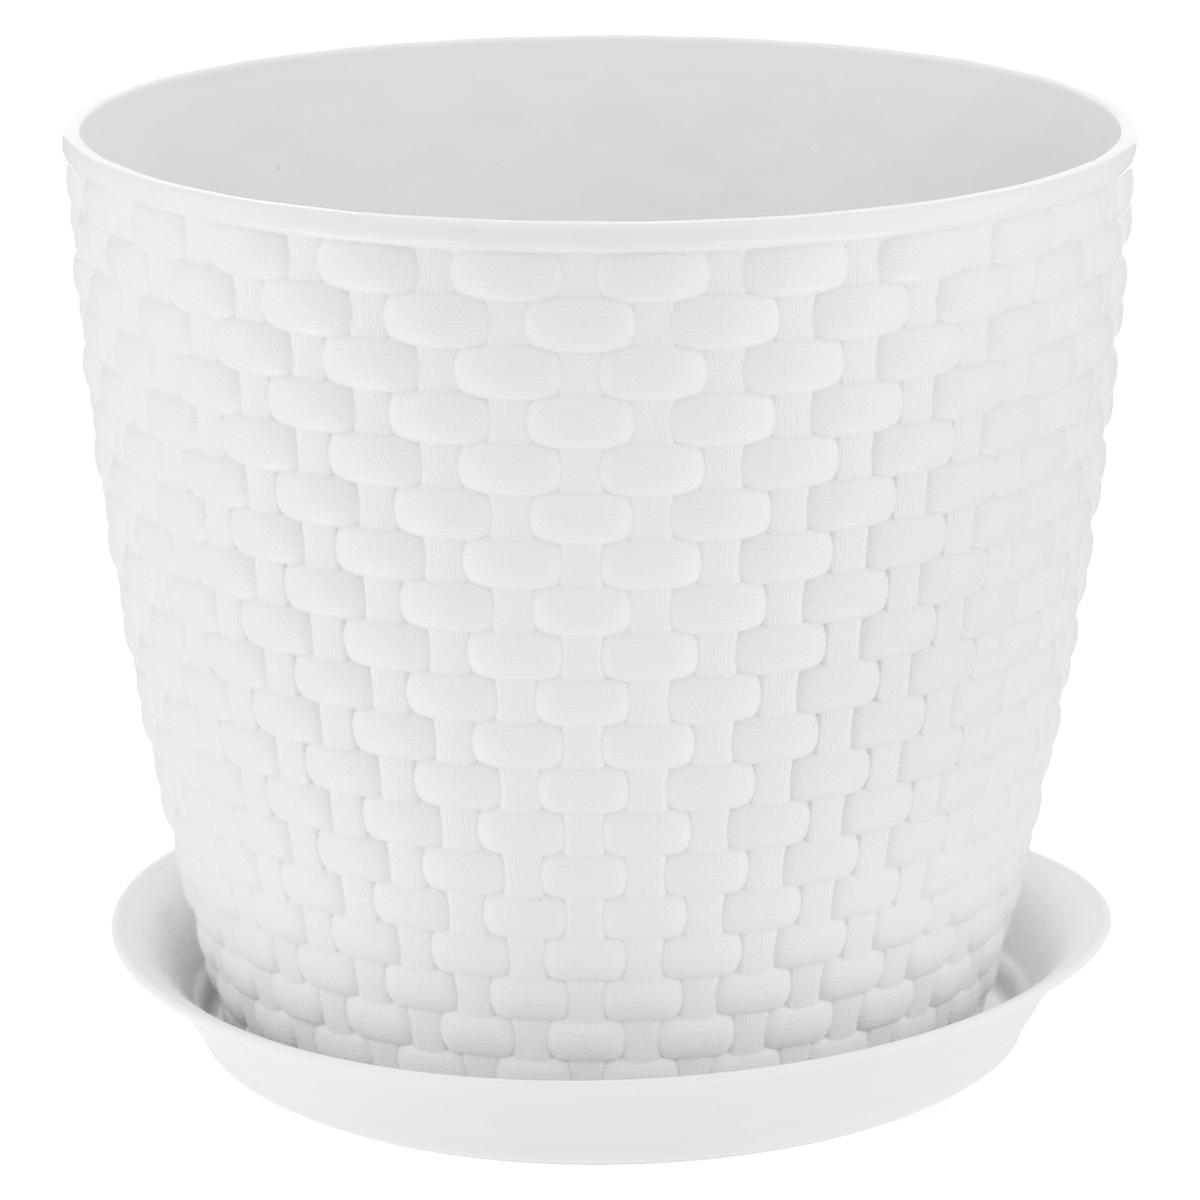 Кашпо Idea Ротанг, с поддоном, цвет: белый, 2 лМ 3081Кашпо Idea Ротанг изготовлено из высококачественного пластика. Специальный поддон предназначен для стока воды. Изделие прекрасно подходит для выращивания растений и цветов в домашних условиях. Лаконичный дизайн впишется в интерьер любого помещения. Диаметр поддона: 15,5 см. Объем кашпо: 2 л. Диаметр кашпо по верхнему краю: 15,5 см. Высота кашпо: 13,5 см.